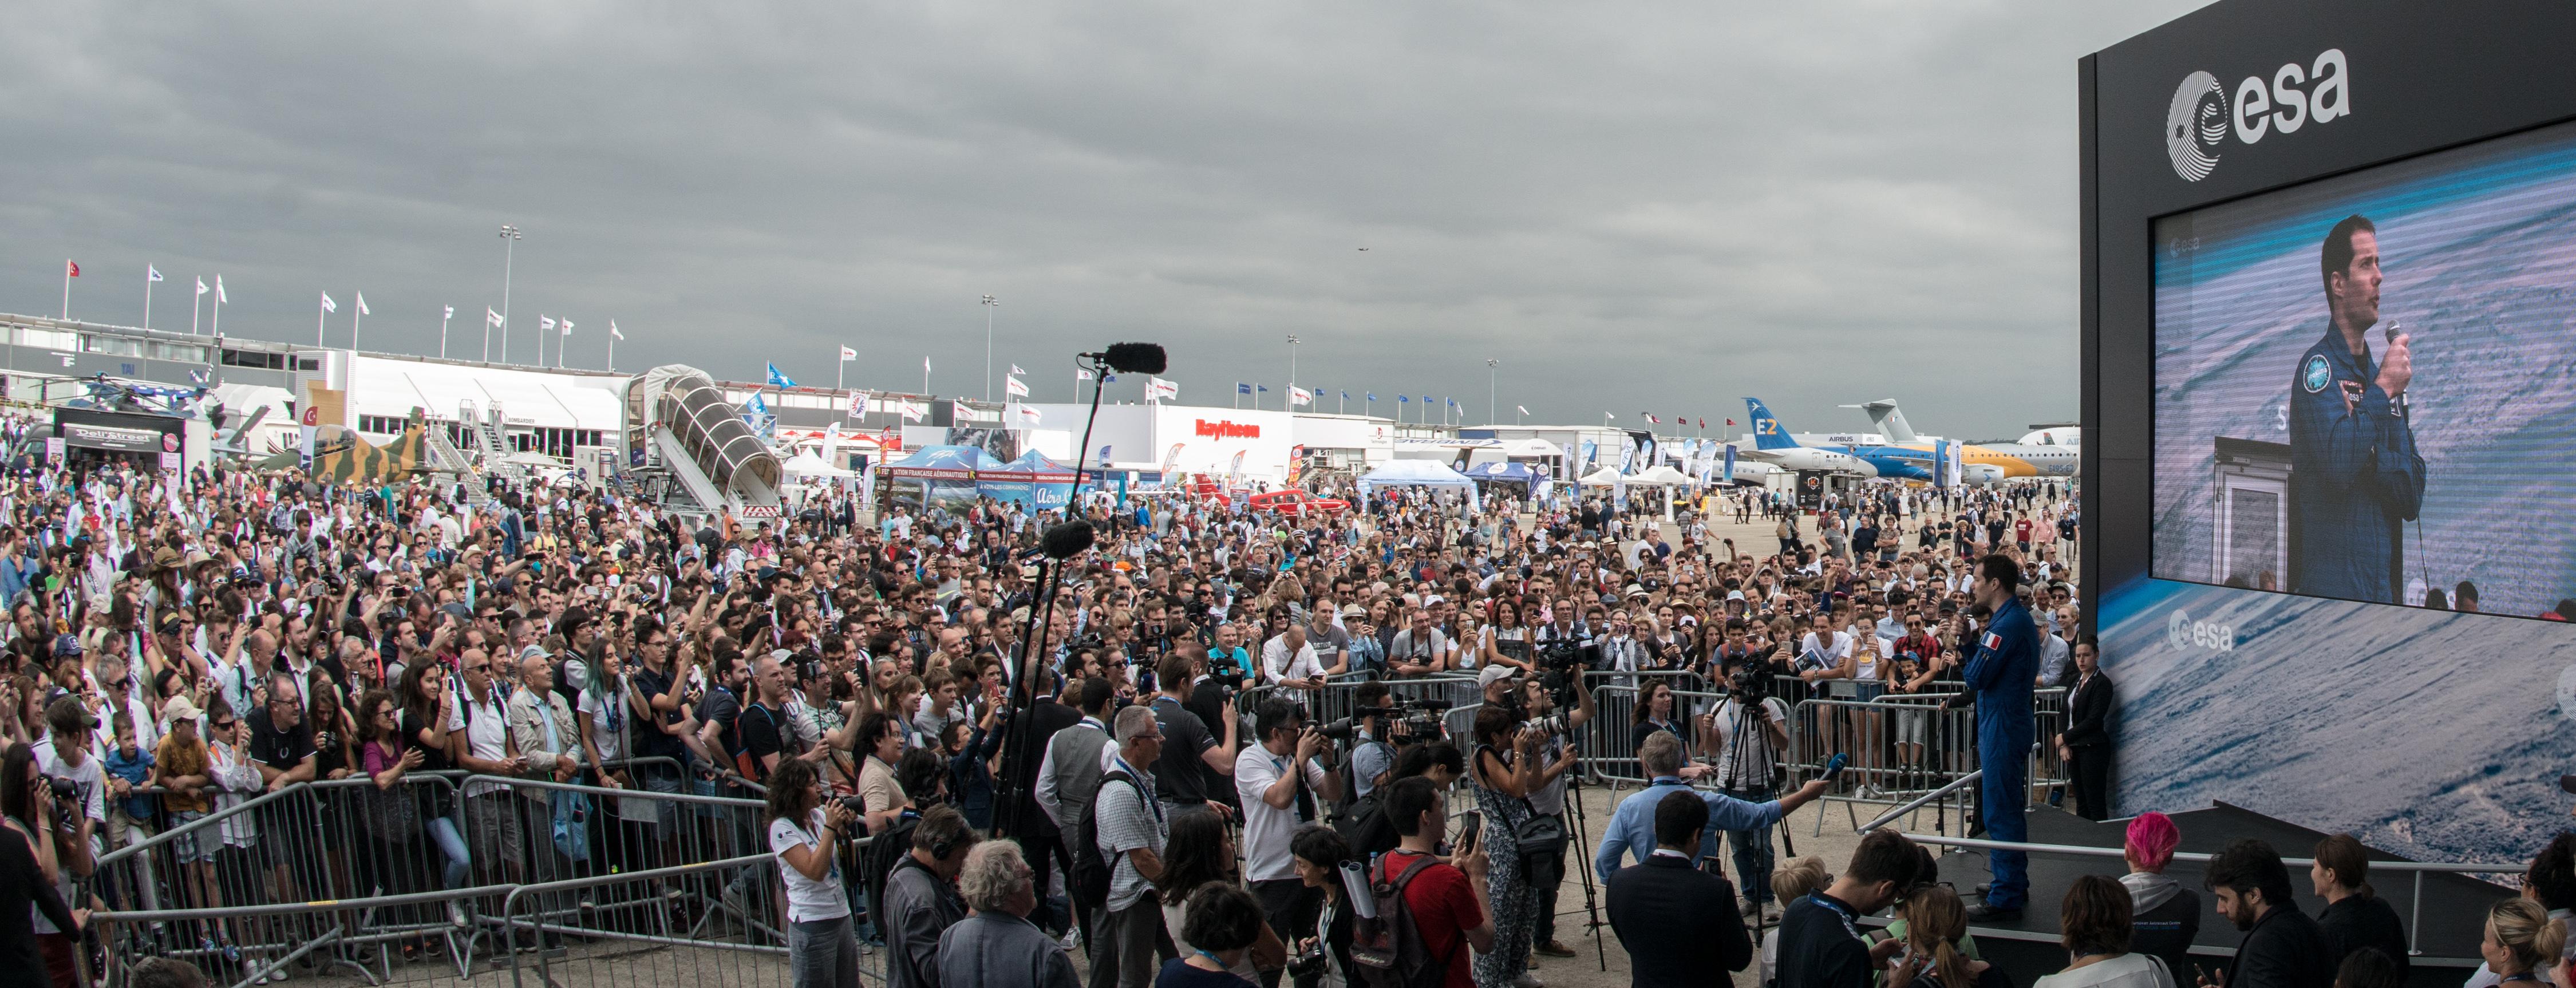 nasa crowds - HD4500×1726